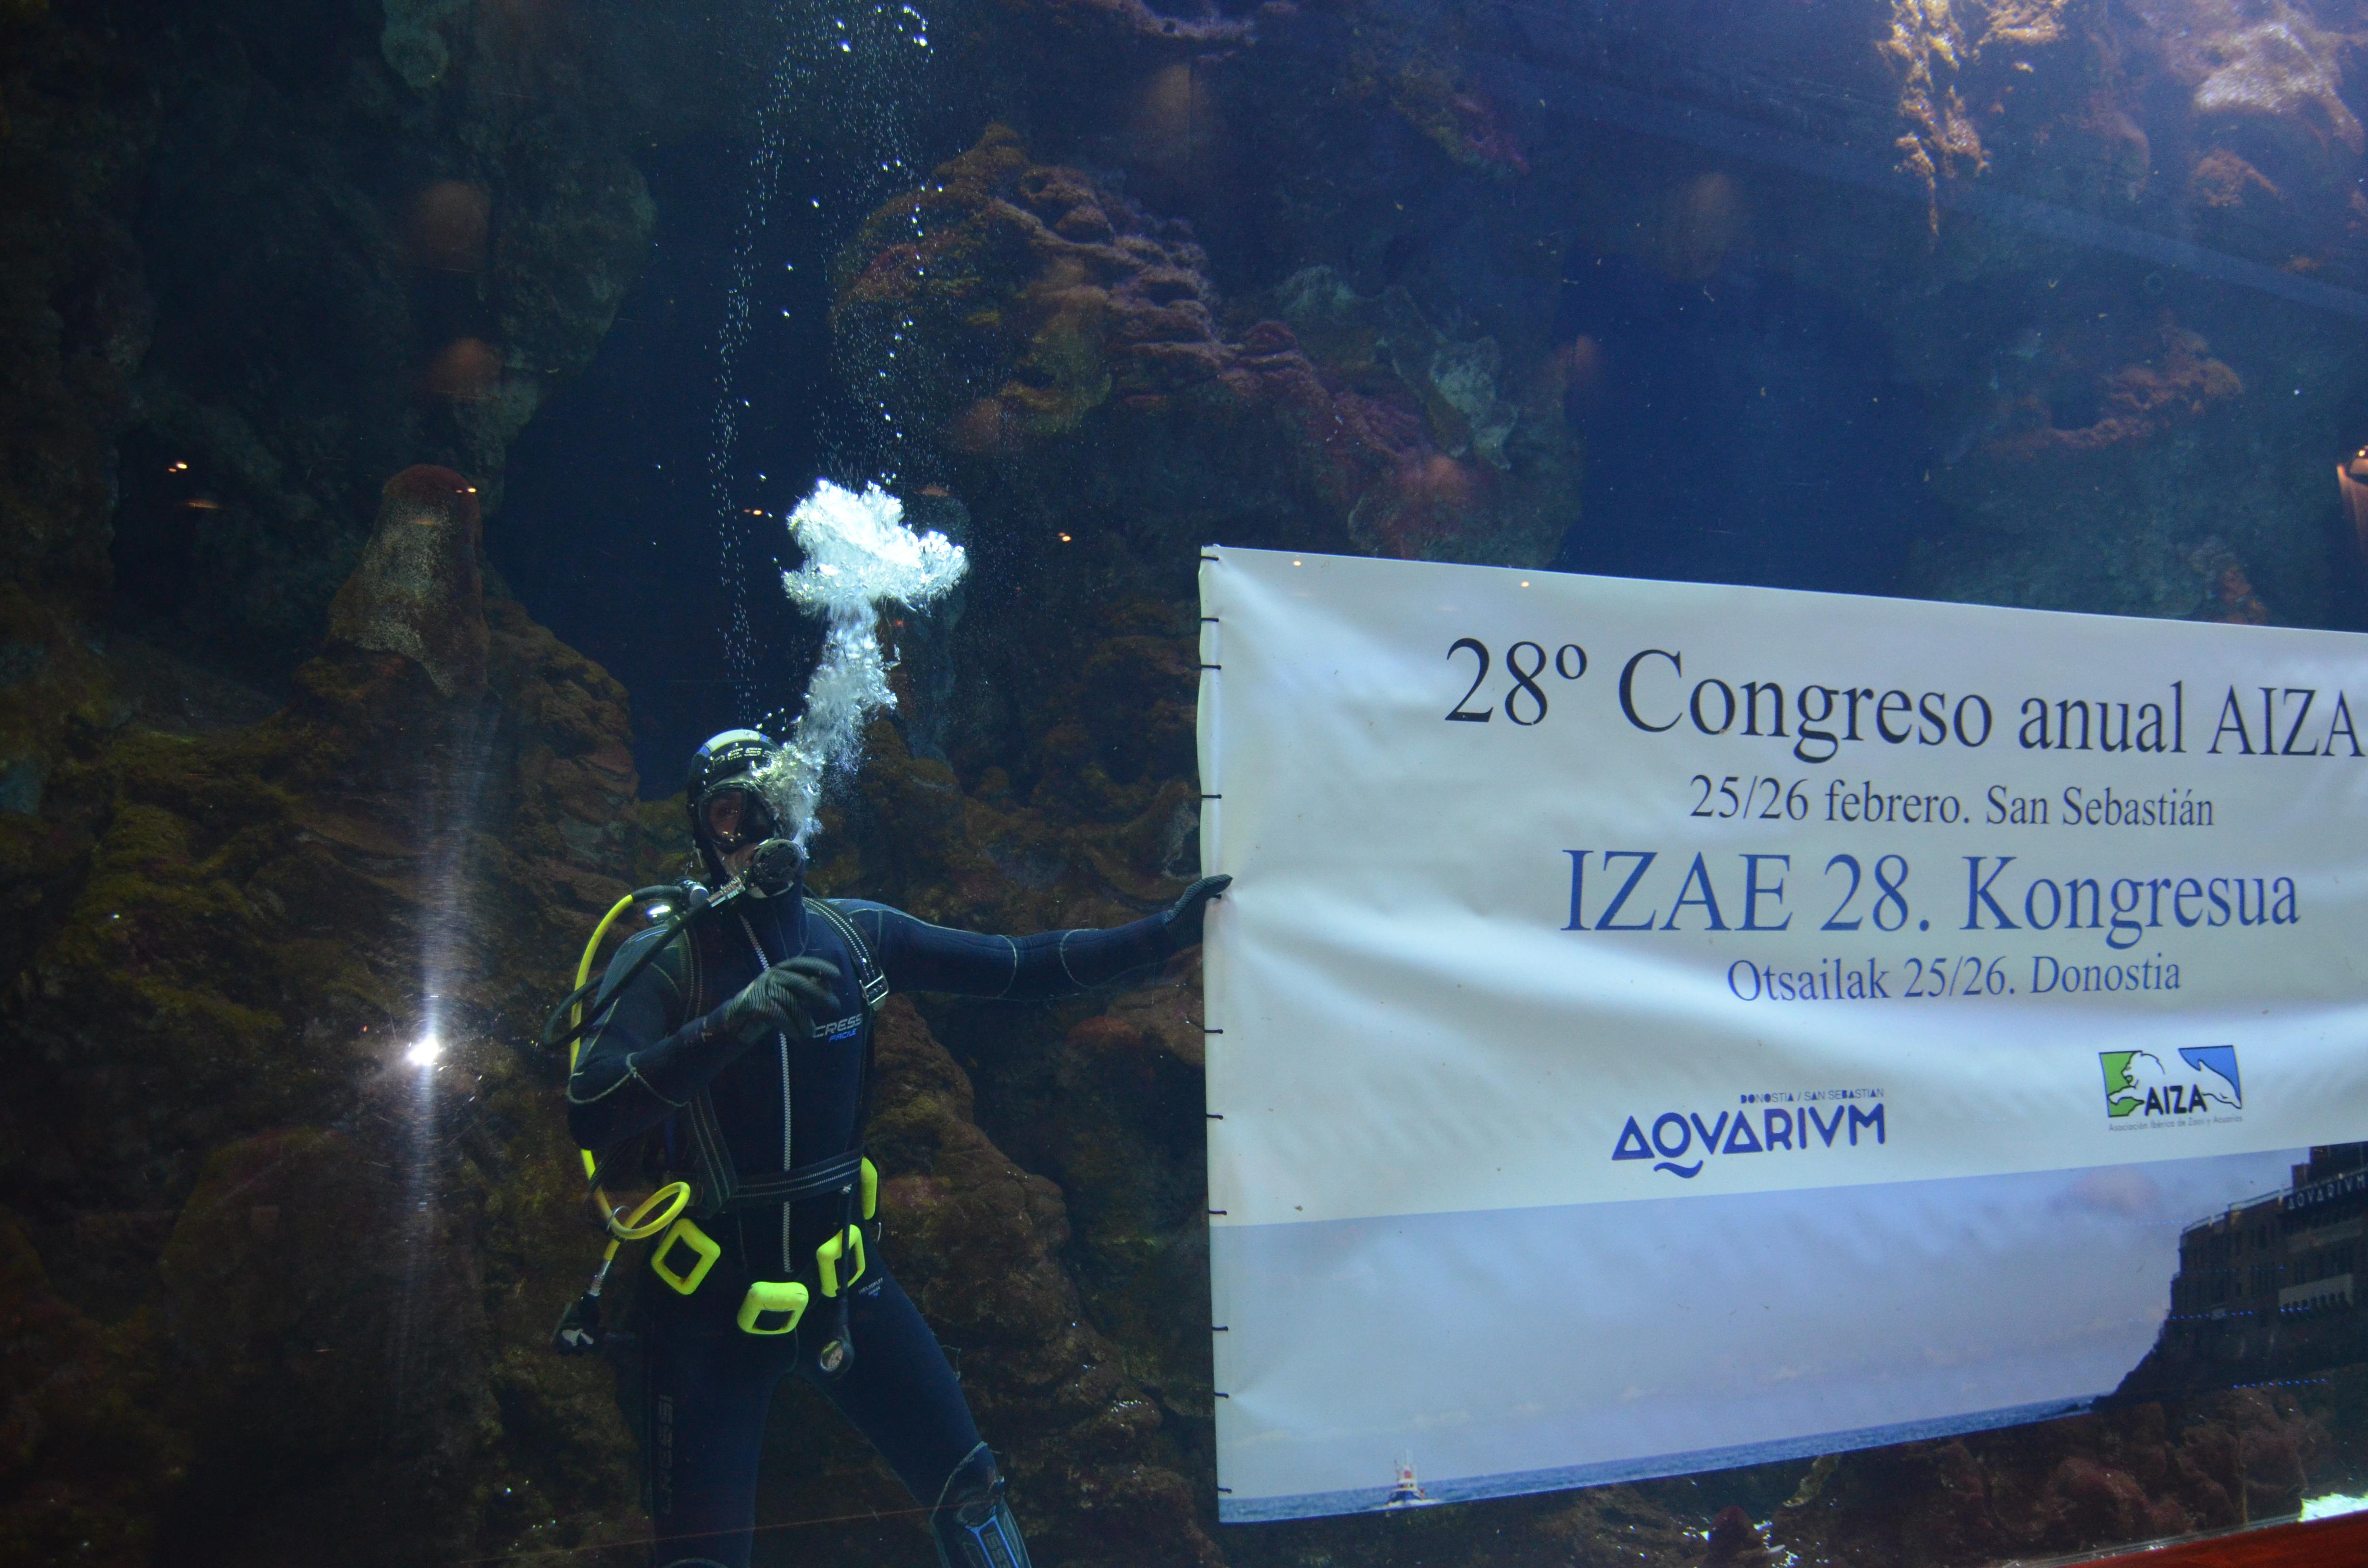 aquarium_aiza_02.jpg